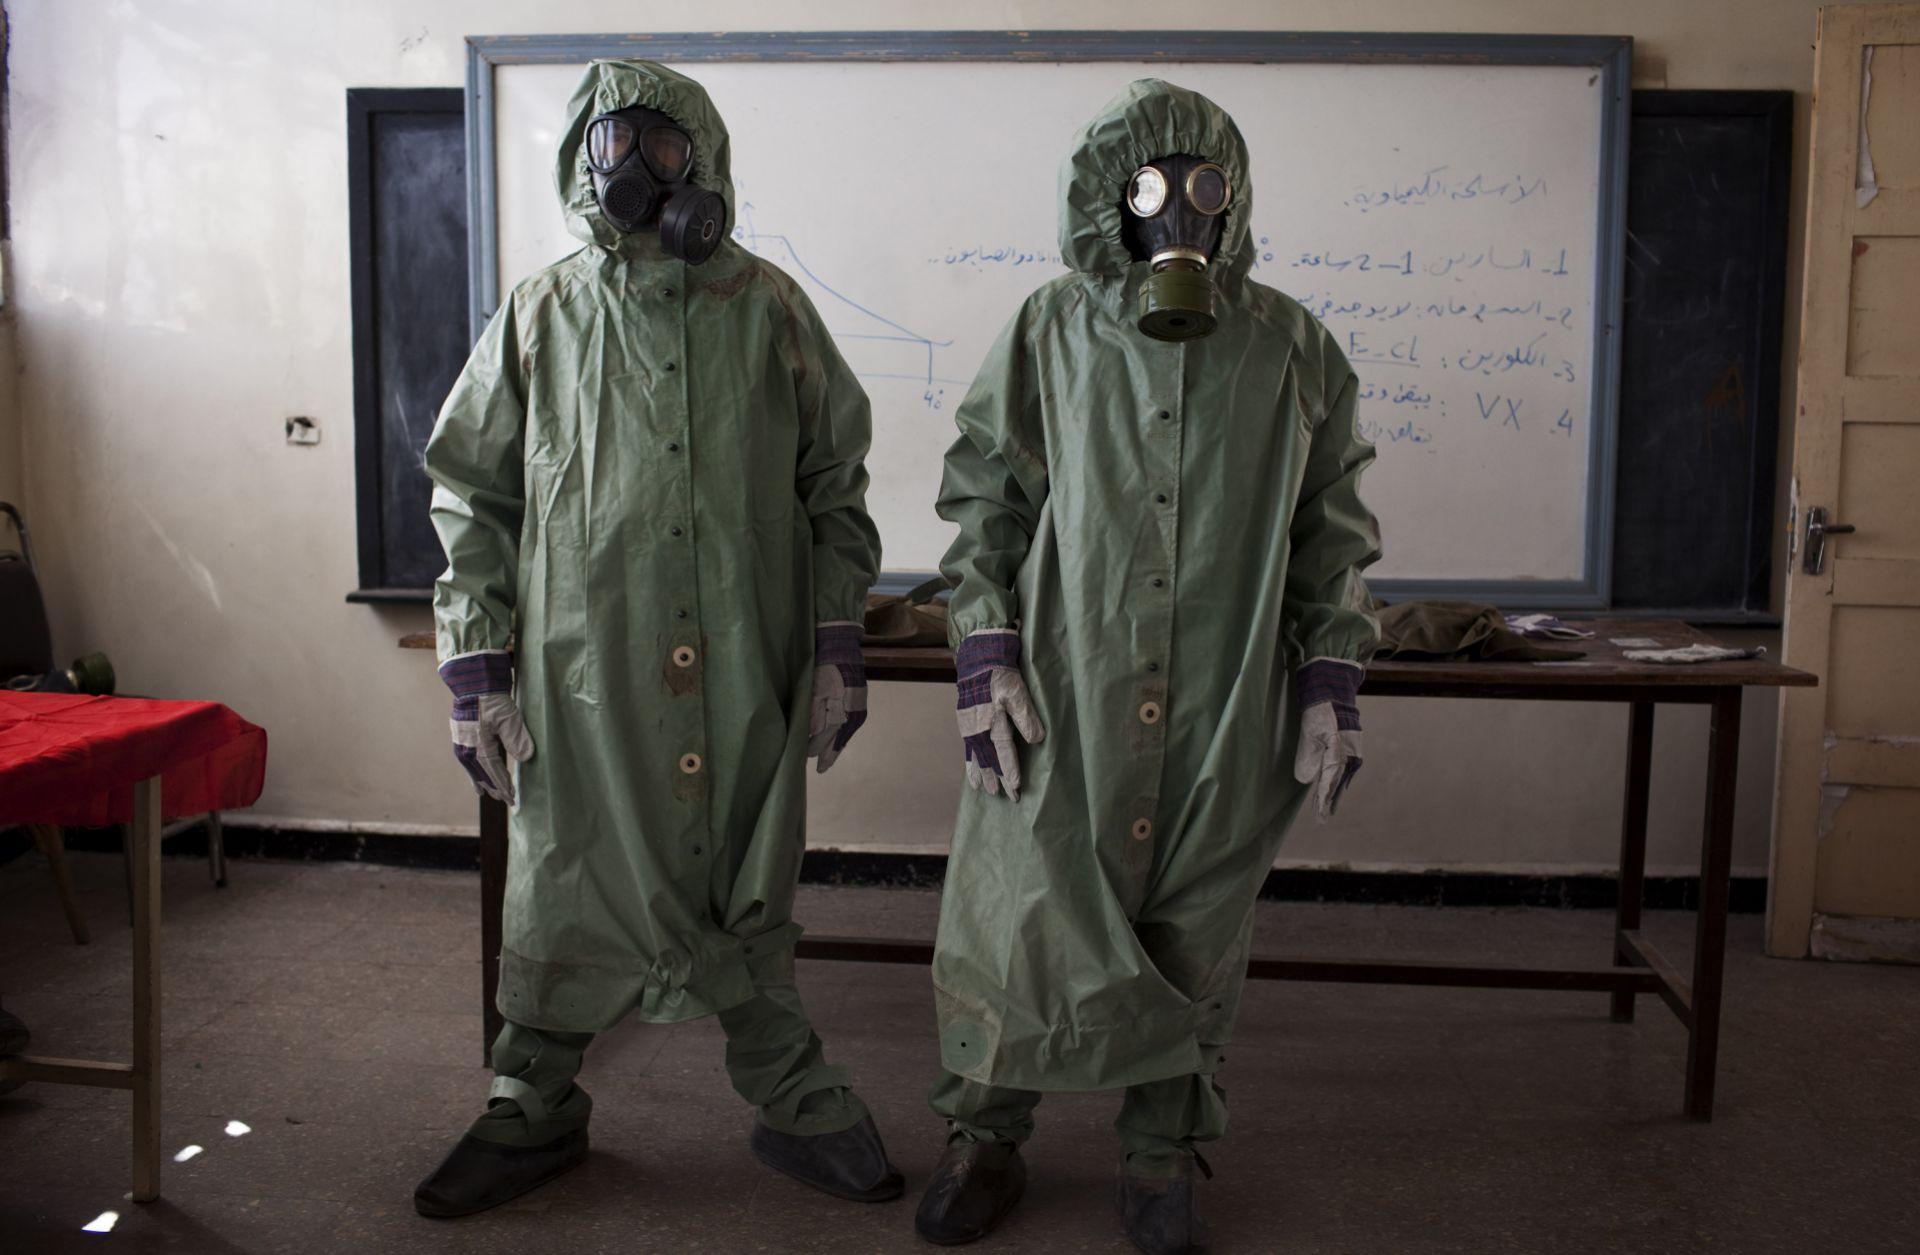 متطوعون يرتدون الملابس الواقية من الكيماويات في فصل دراسي في حلب - 15 أيلول 2013 (AFP)